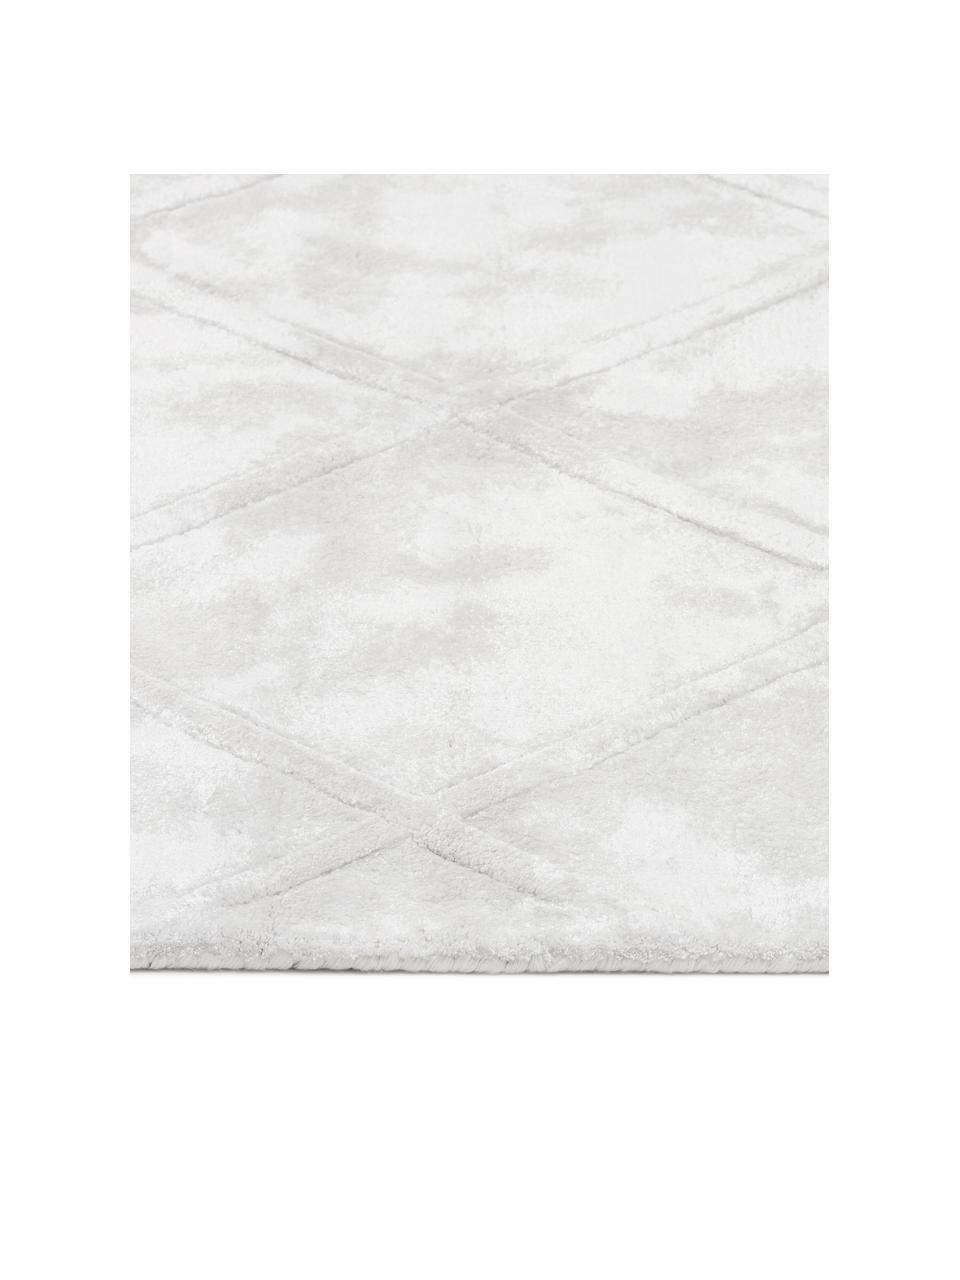 Ručně všívaný viskózový koberec sdiamantovým vzorem Shiny, Krémová